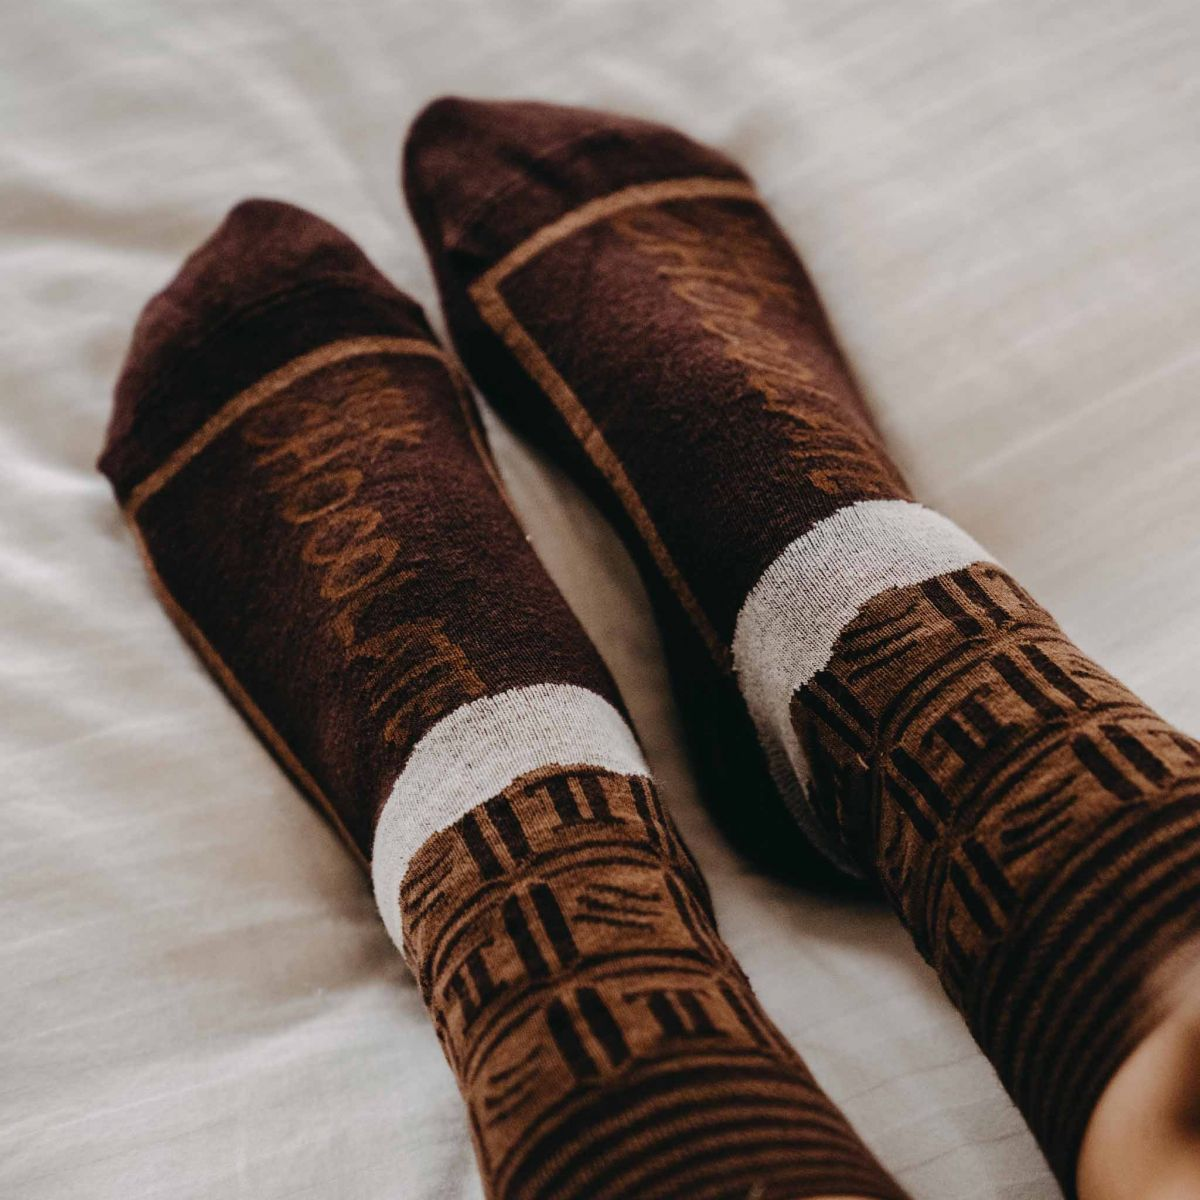 Ponožky - Čokoláda v dárkové krabičce p4